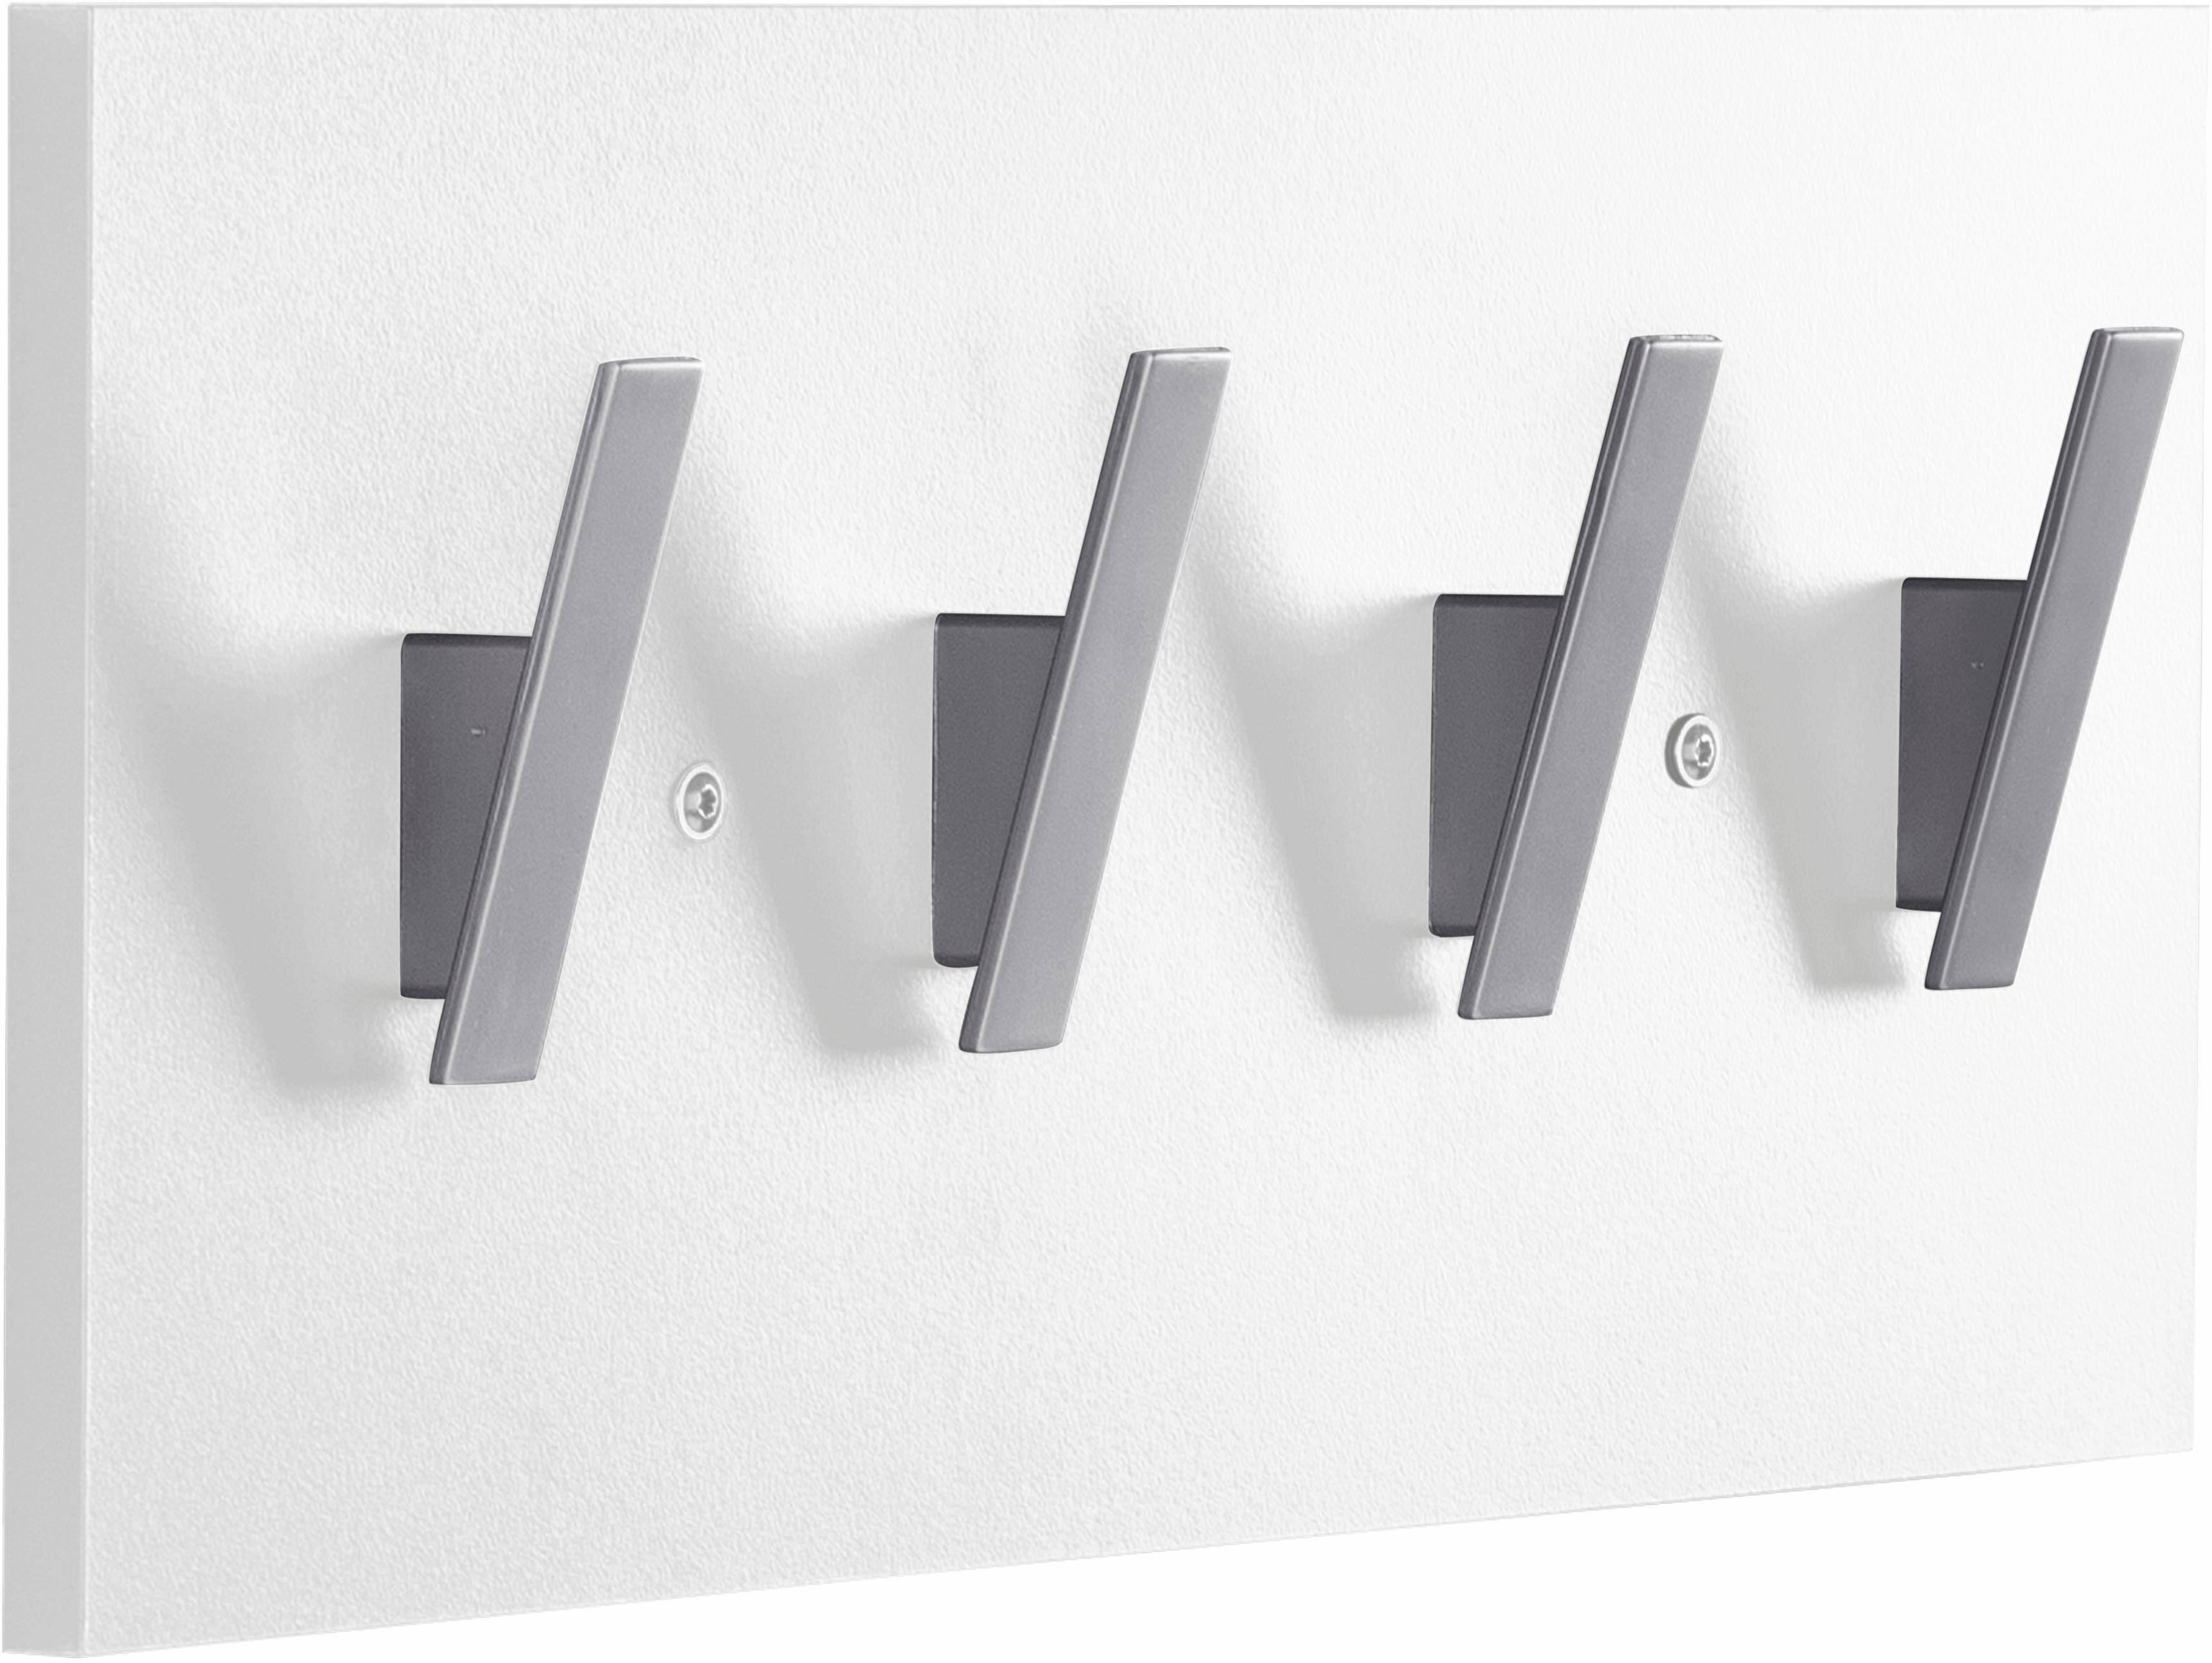 Schildmeyer kapstokpaneel Danu Breedte 40 cm in de webshop van OTTO kopen